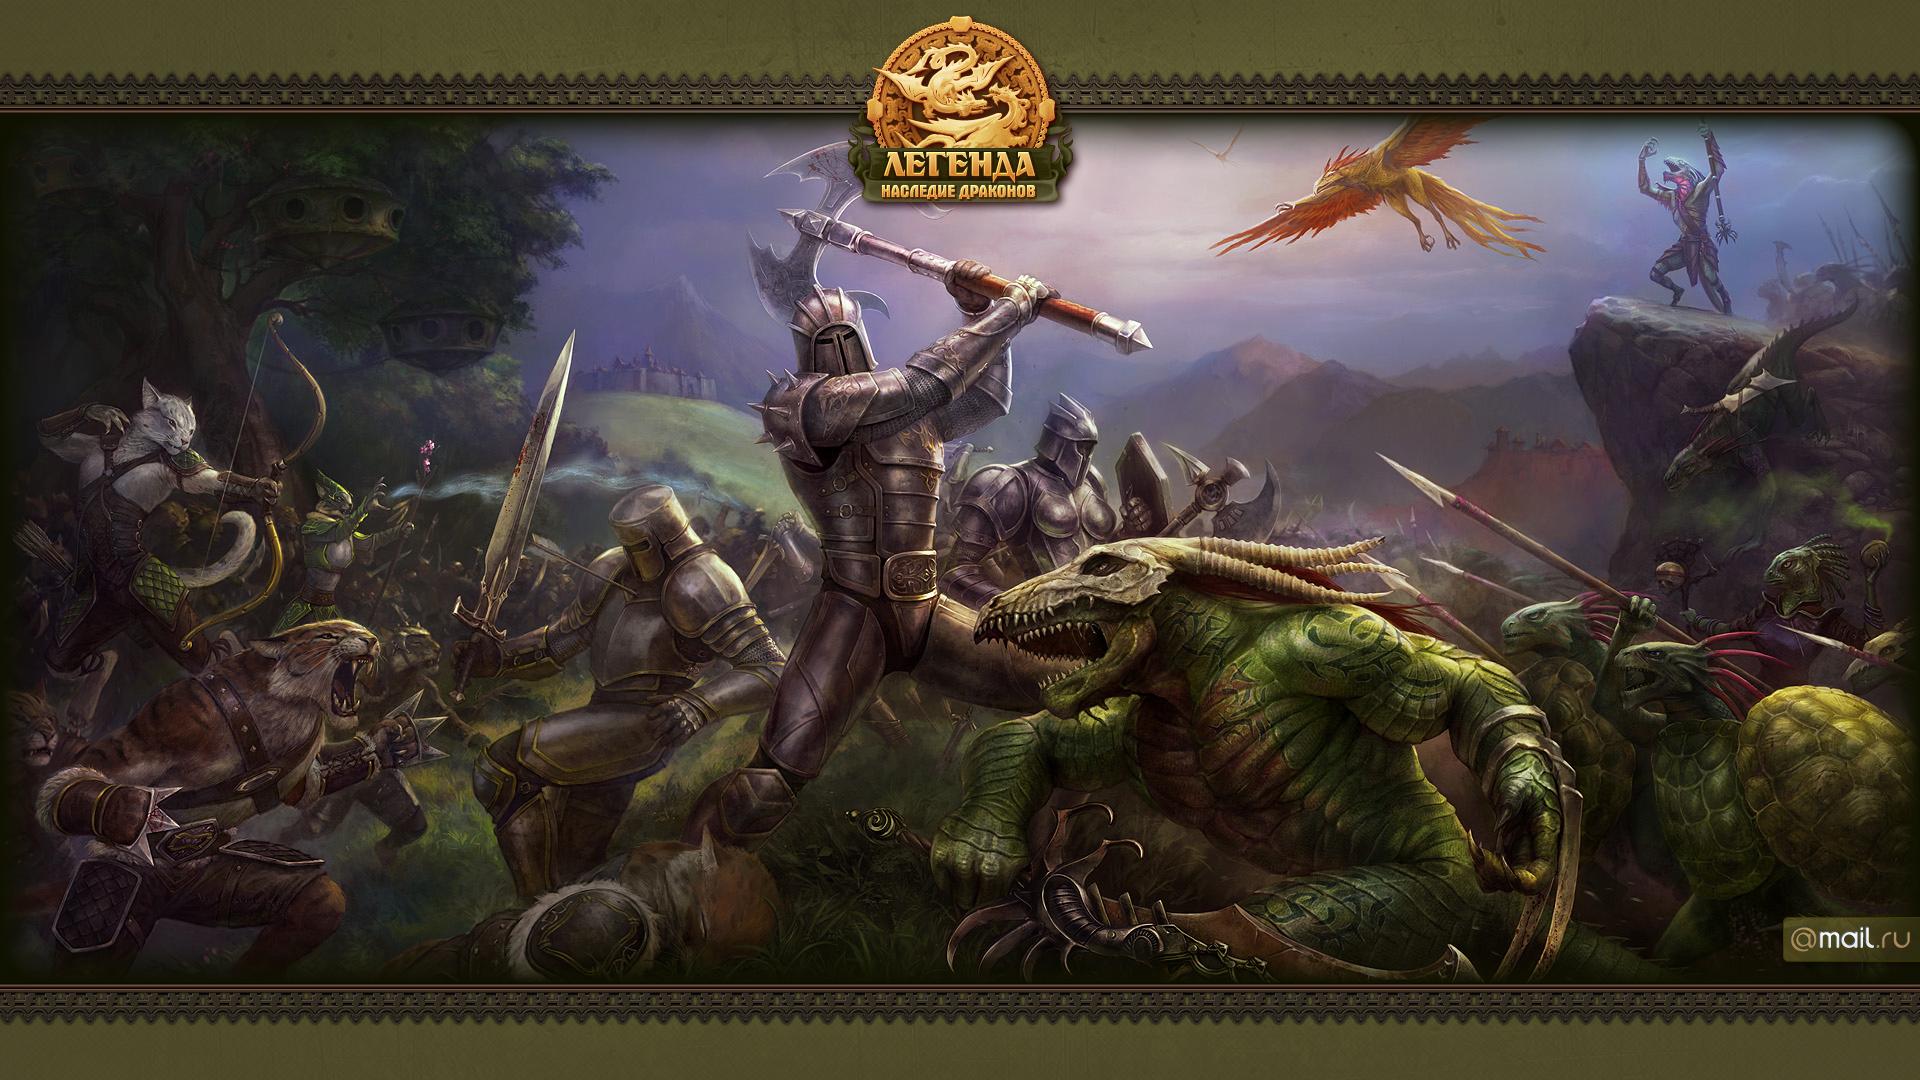 Все новости по игре Легенда: Наследие Драконов. Видео онлайн игры Леге